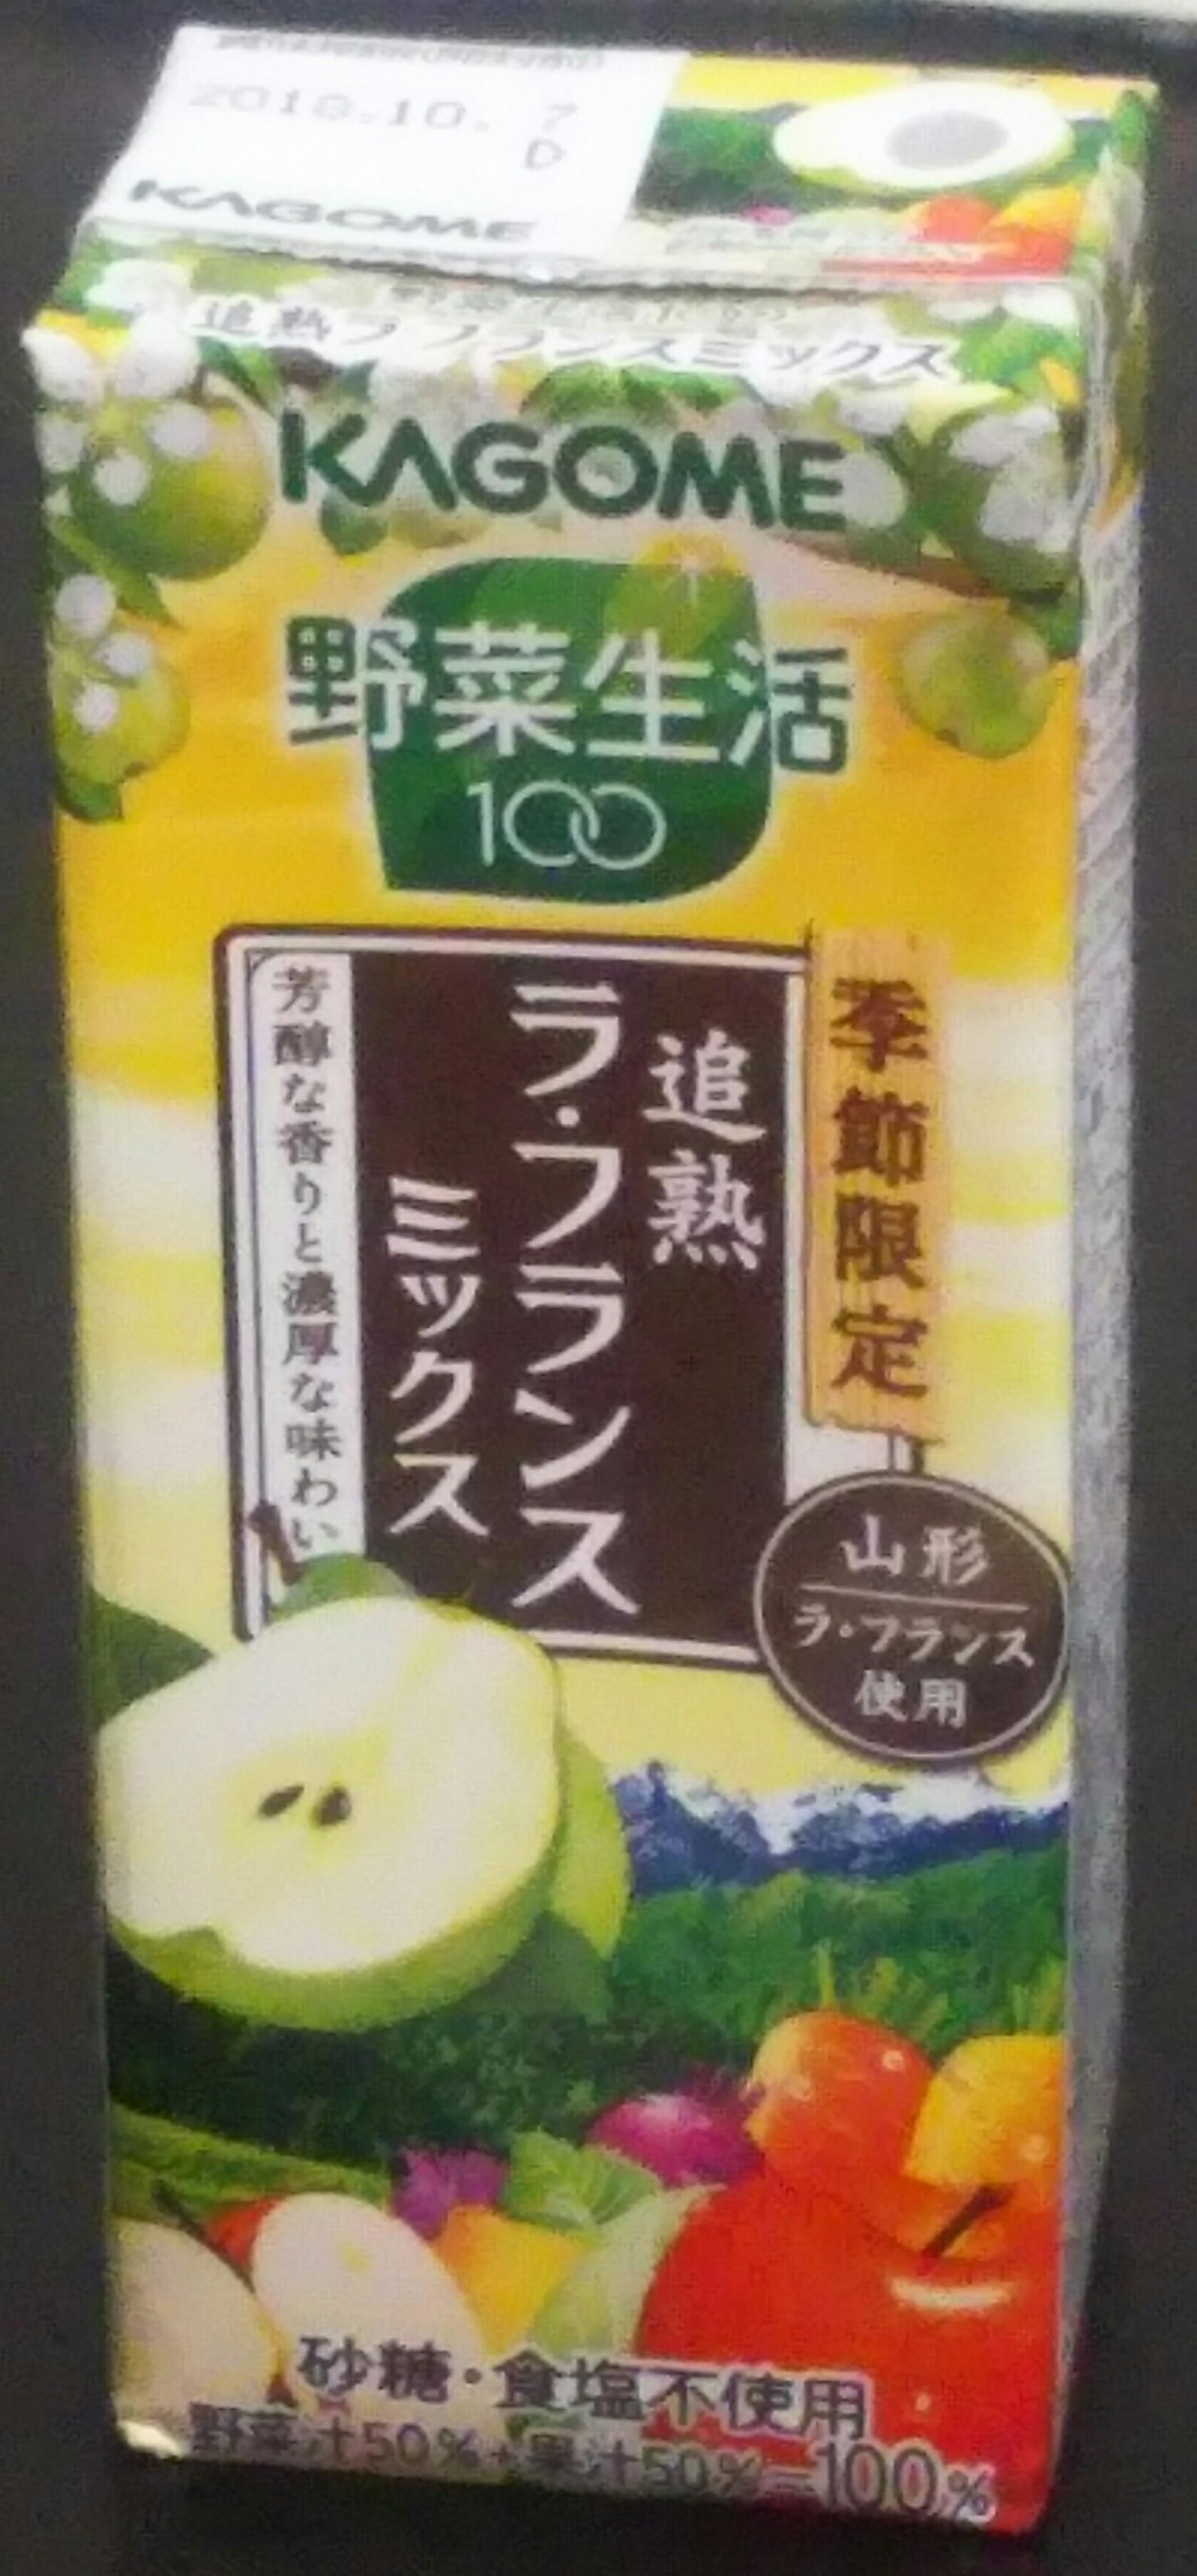 野菜生活100 追熟ラ・フランスミックス(カゴメ)感想・レビュー